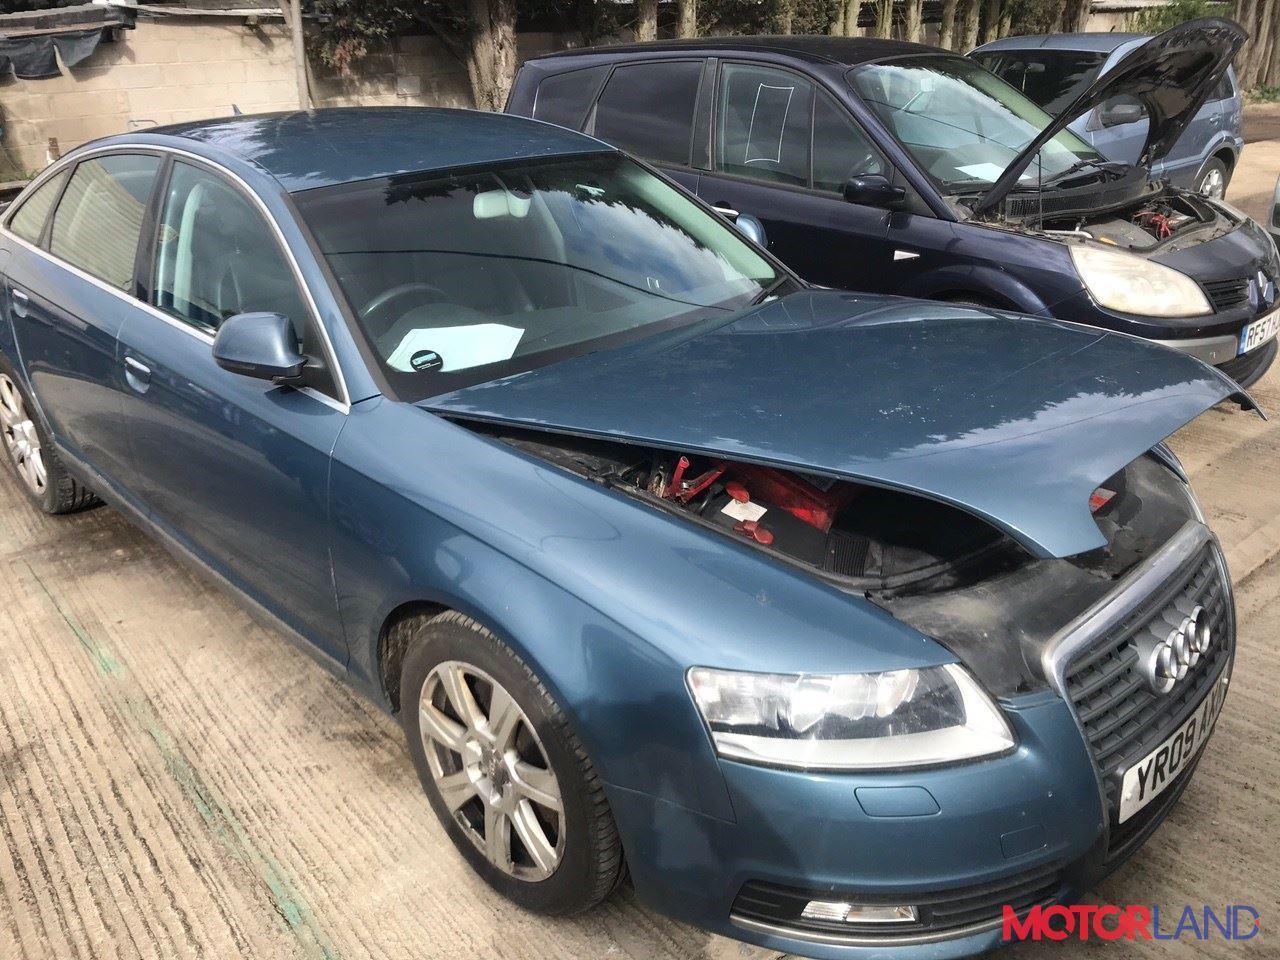 Audi A6 (C6) 2005-2011, разборочный номер T21372 #2